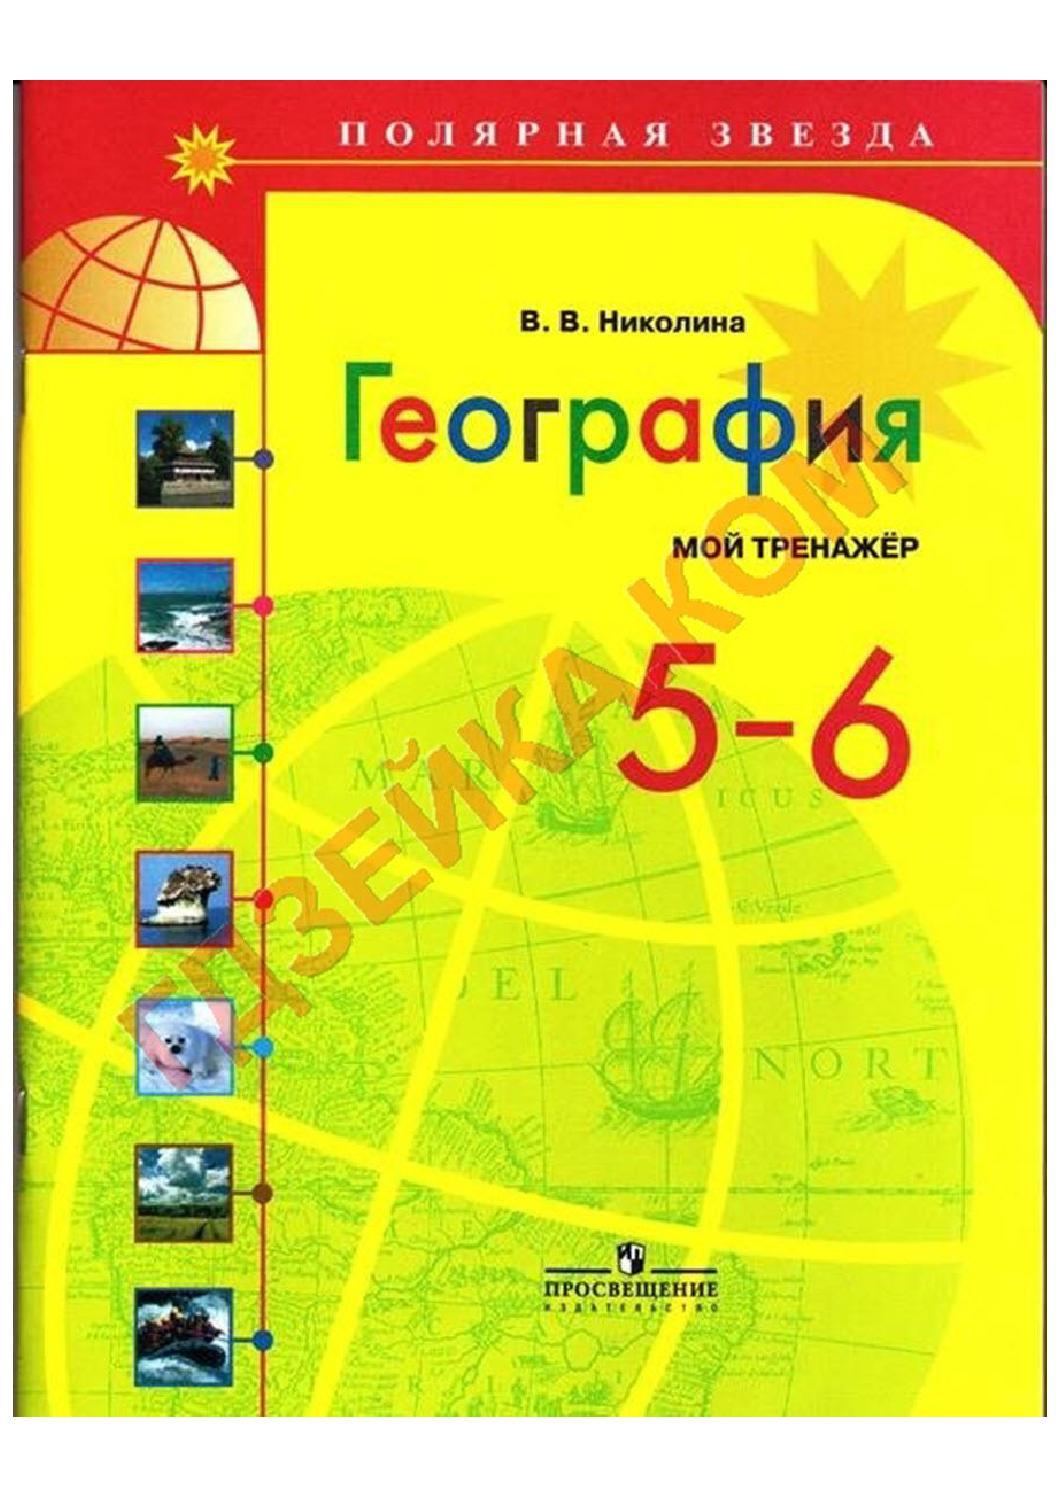 Гдз по географии 5-6 класс николина.в.в